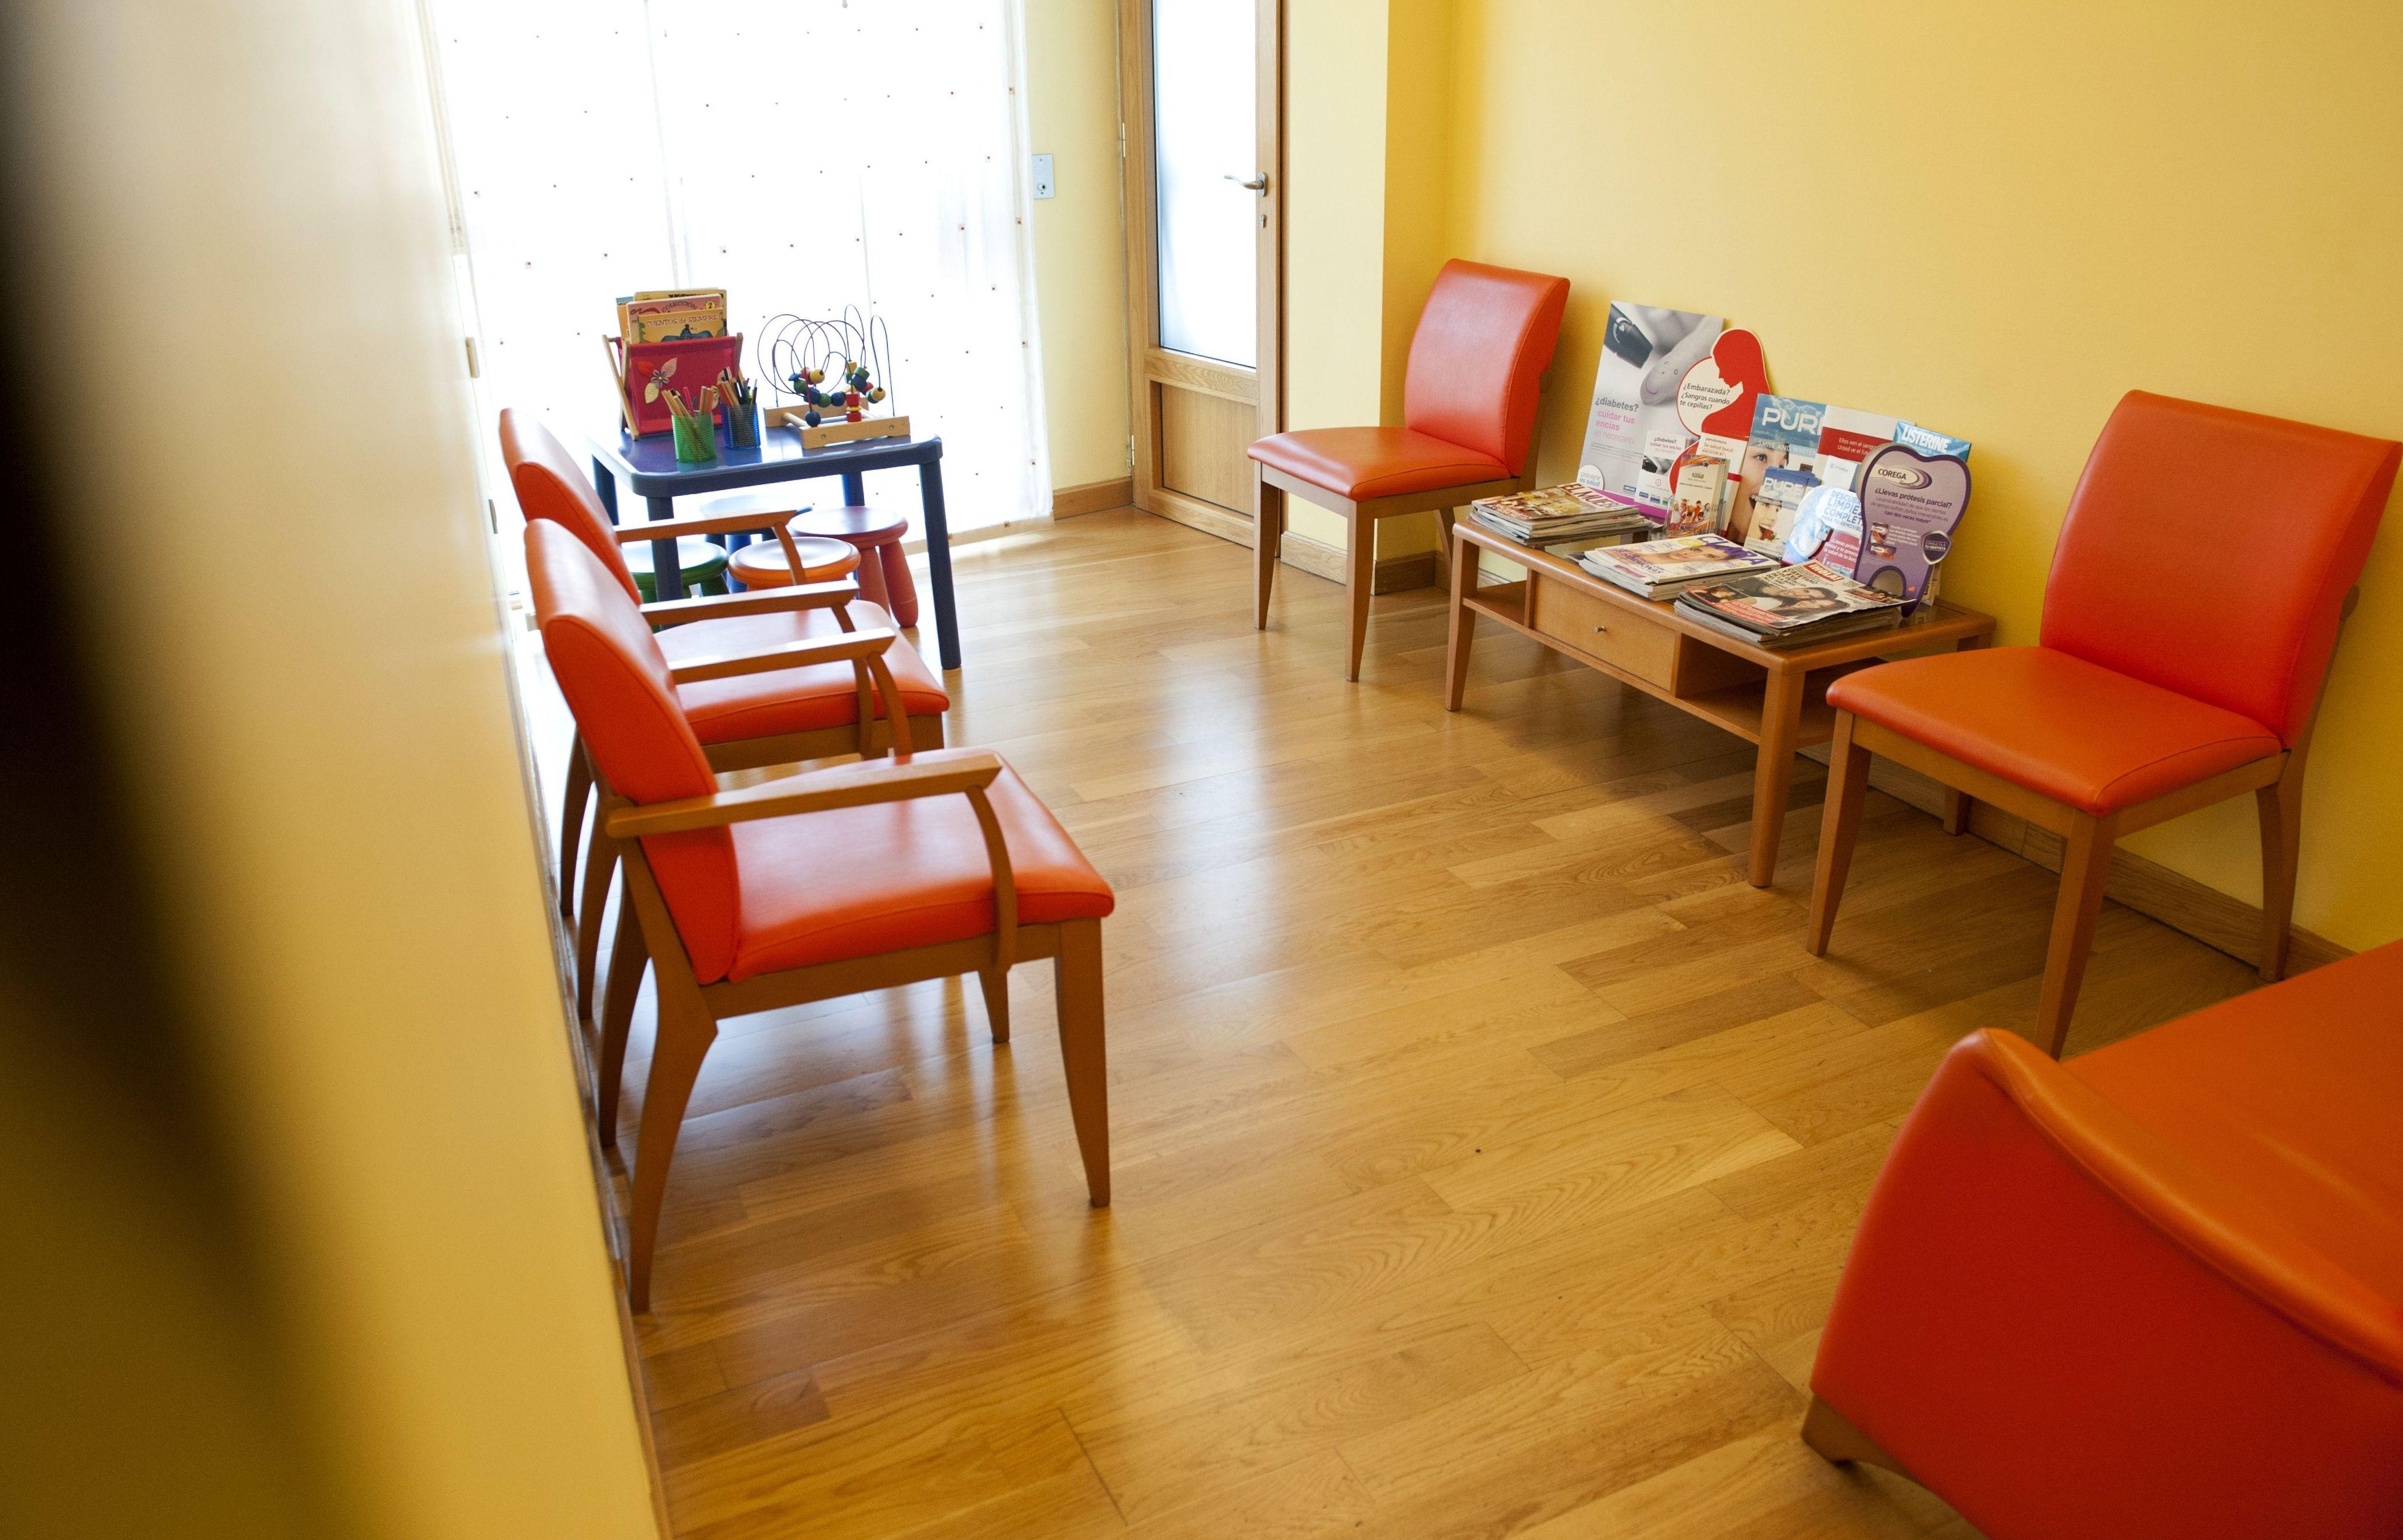 Clínica dental concertada con aseguradoras en Ferrol, A Coruña